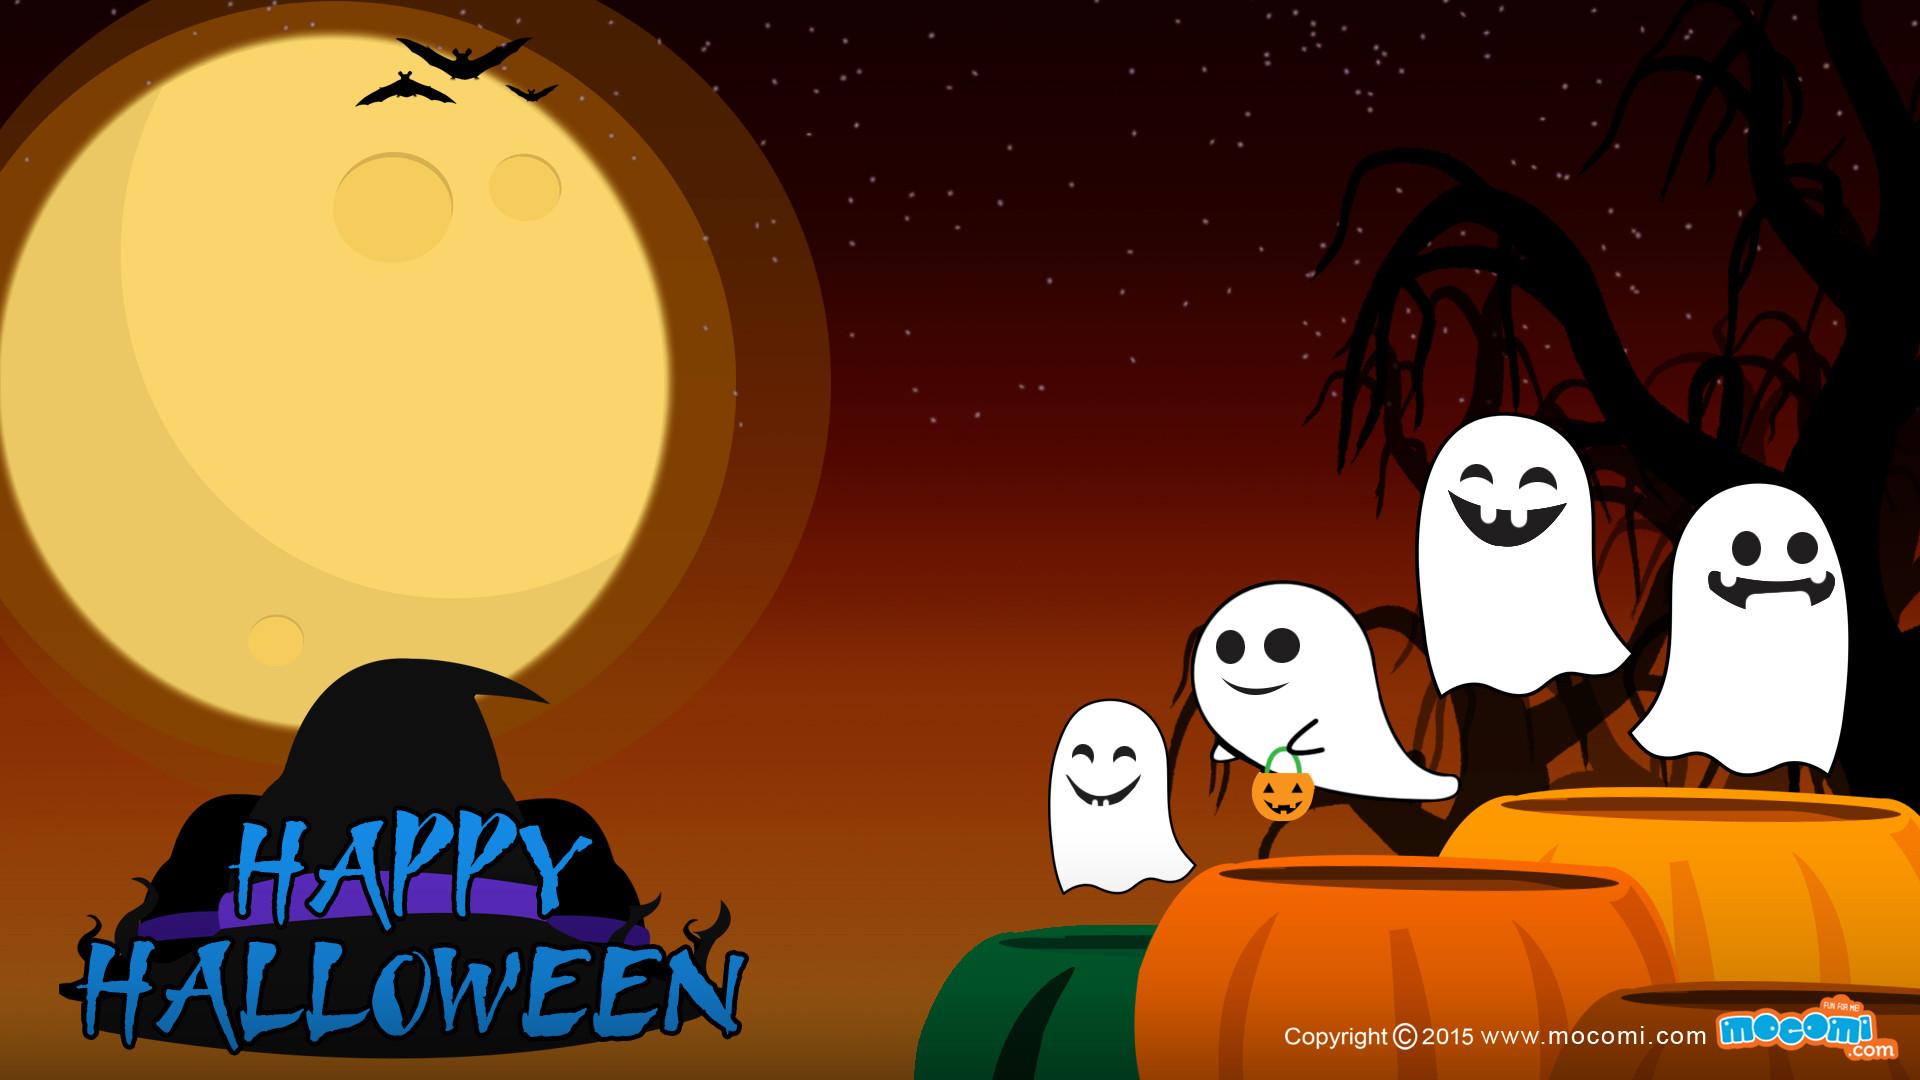 Happy Halloween Wallpaper – 05